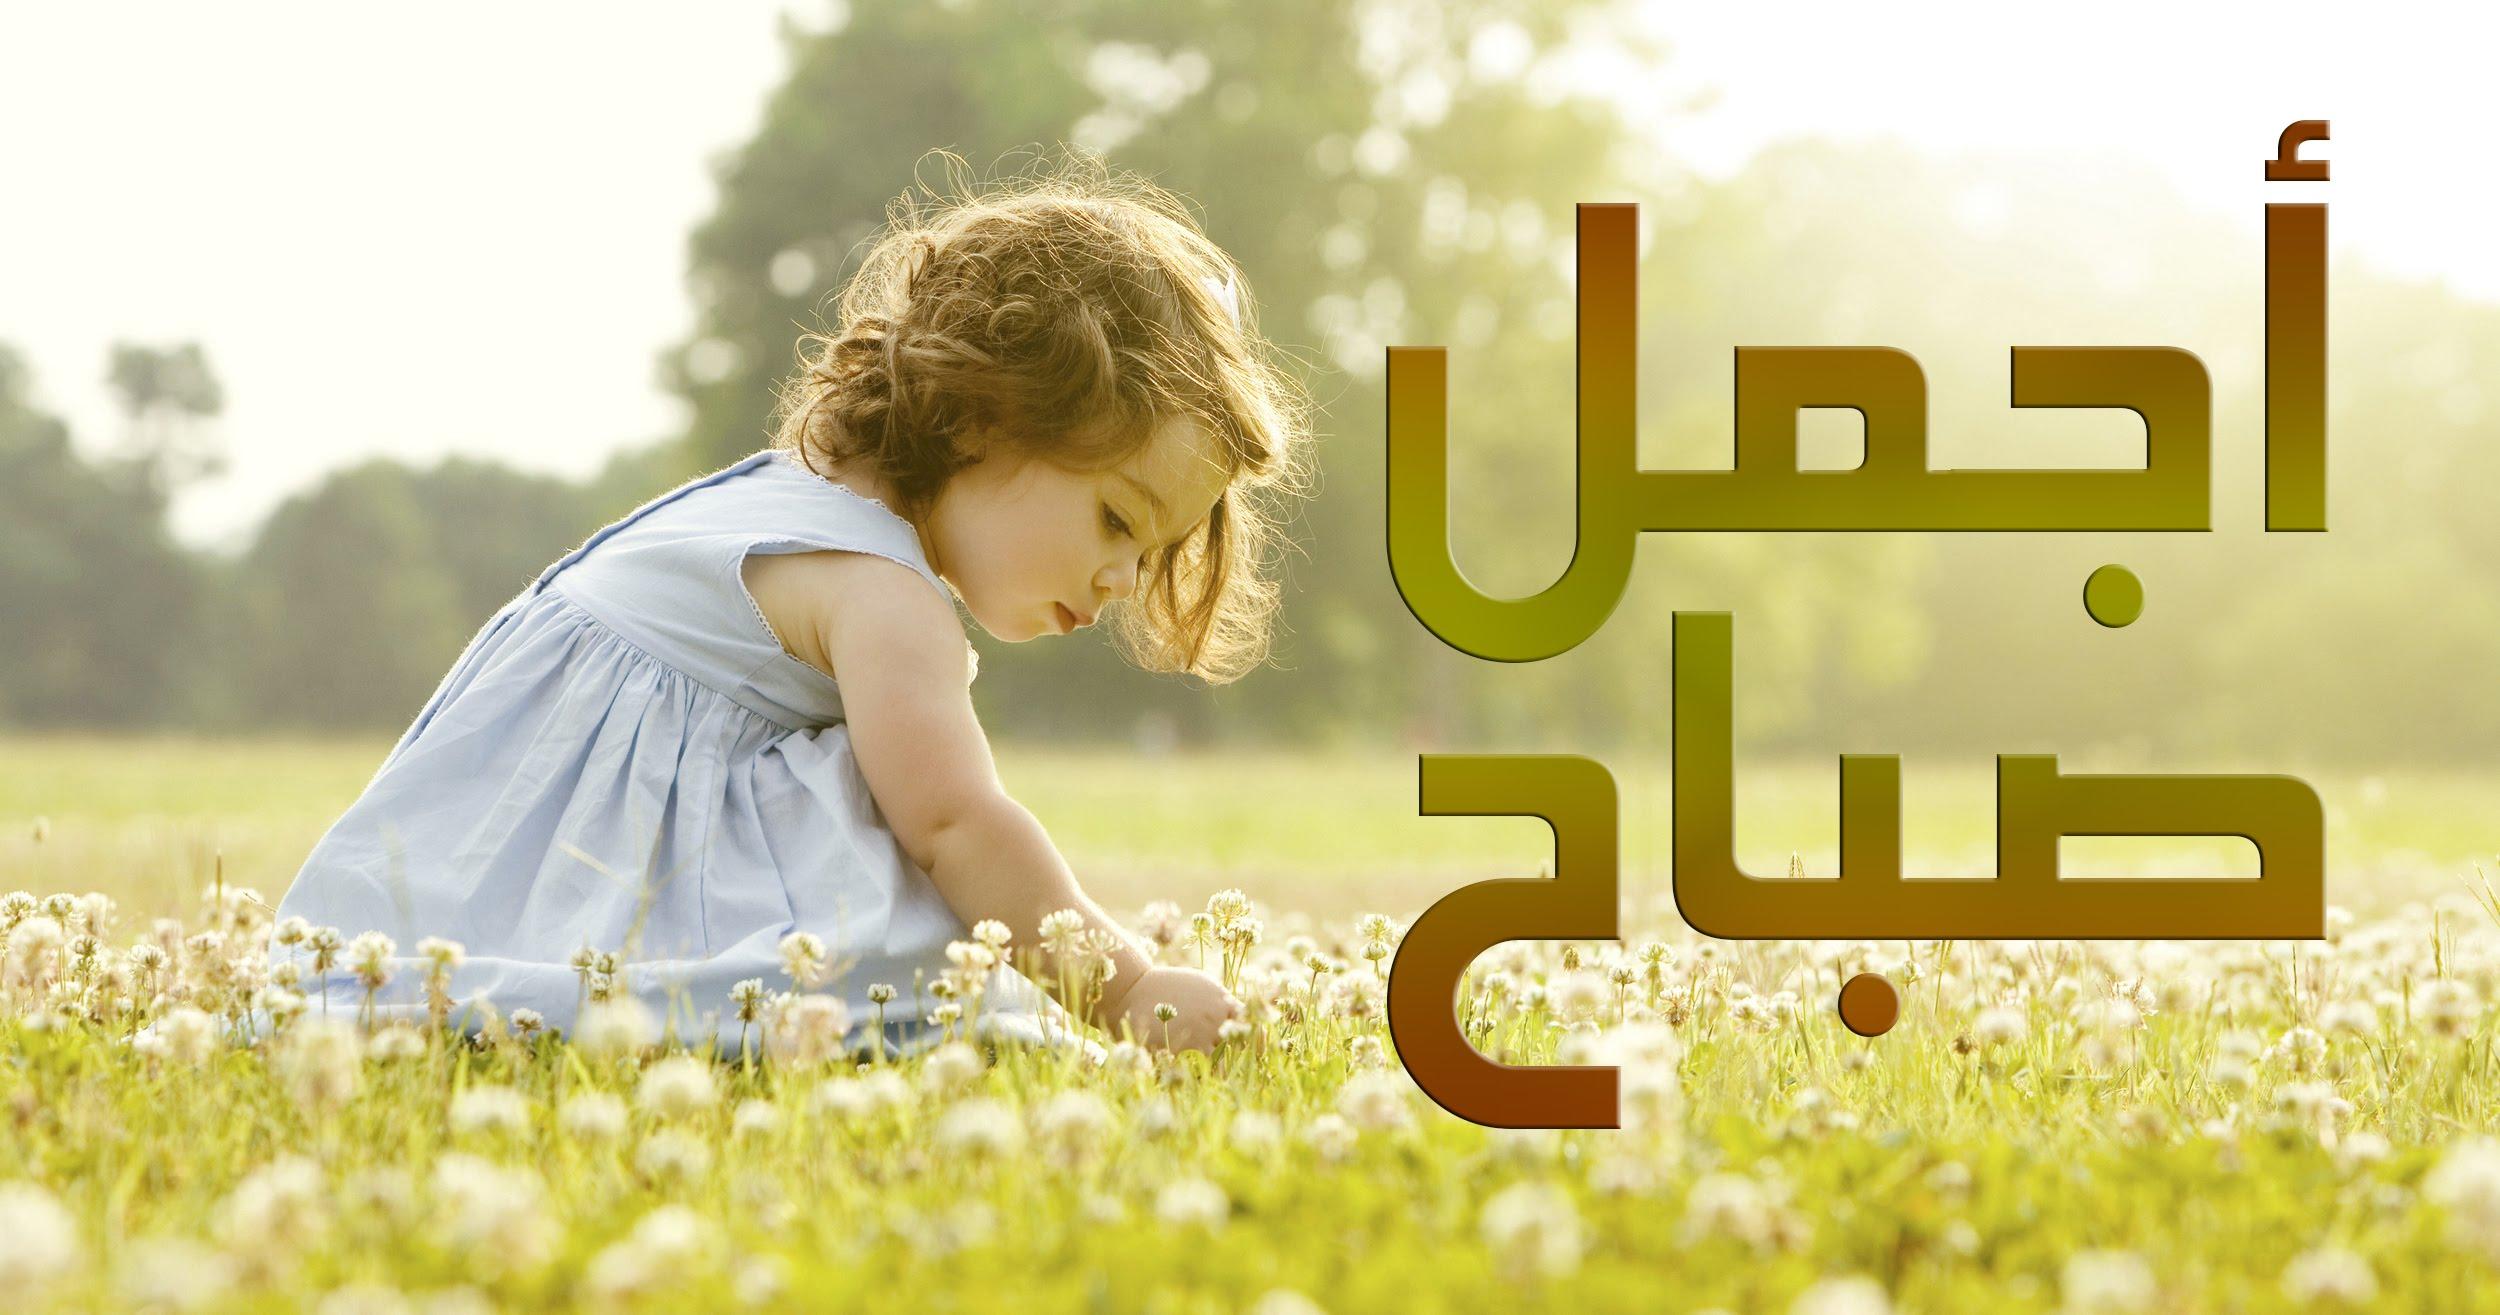 بالصور اجمل ماقيل عن الصباح , اروع كلمات صباحيه تدعو للتفاؤل 5918 2